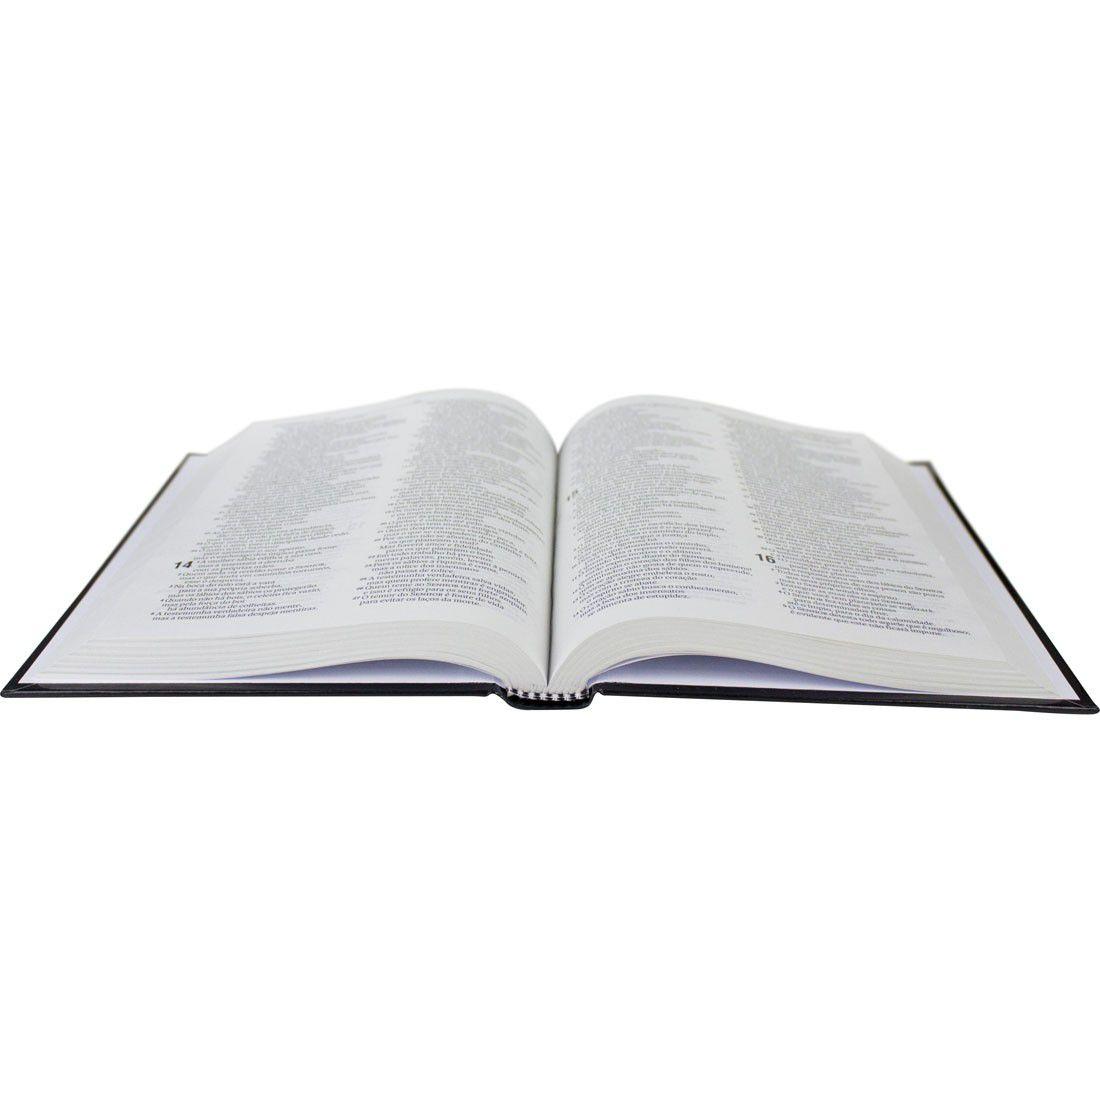 Bíblia Sagrada Capa Dura - Linguagem Atual - Âncora Amarela